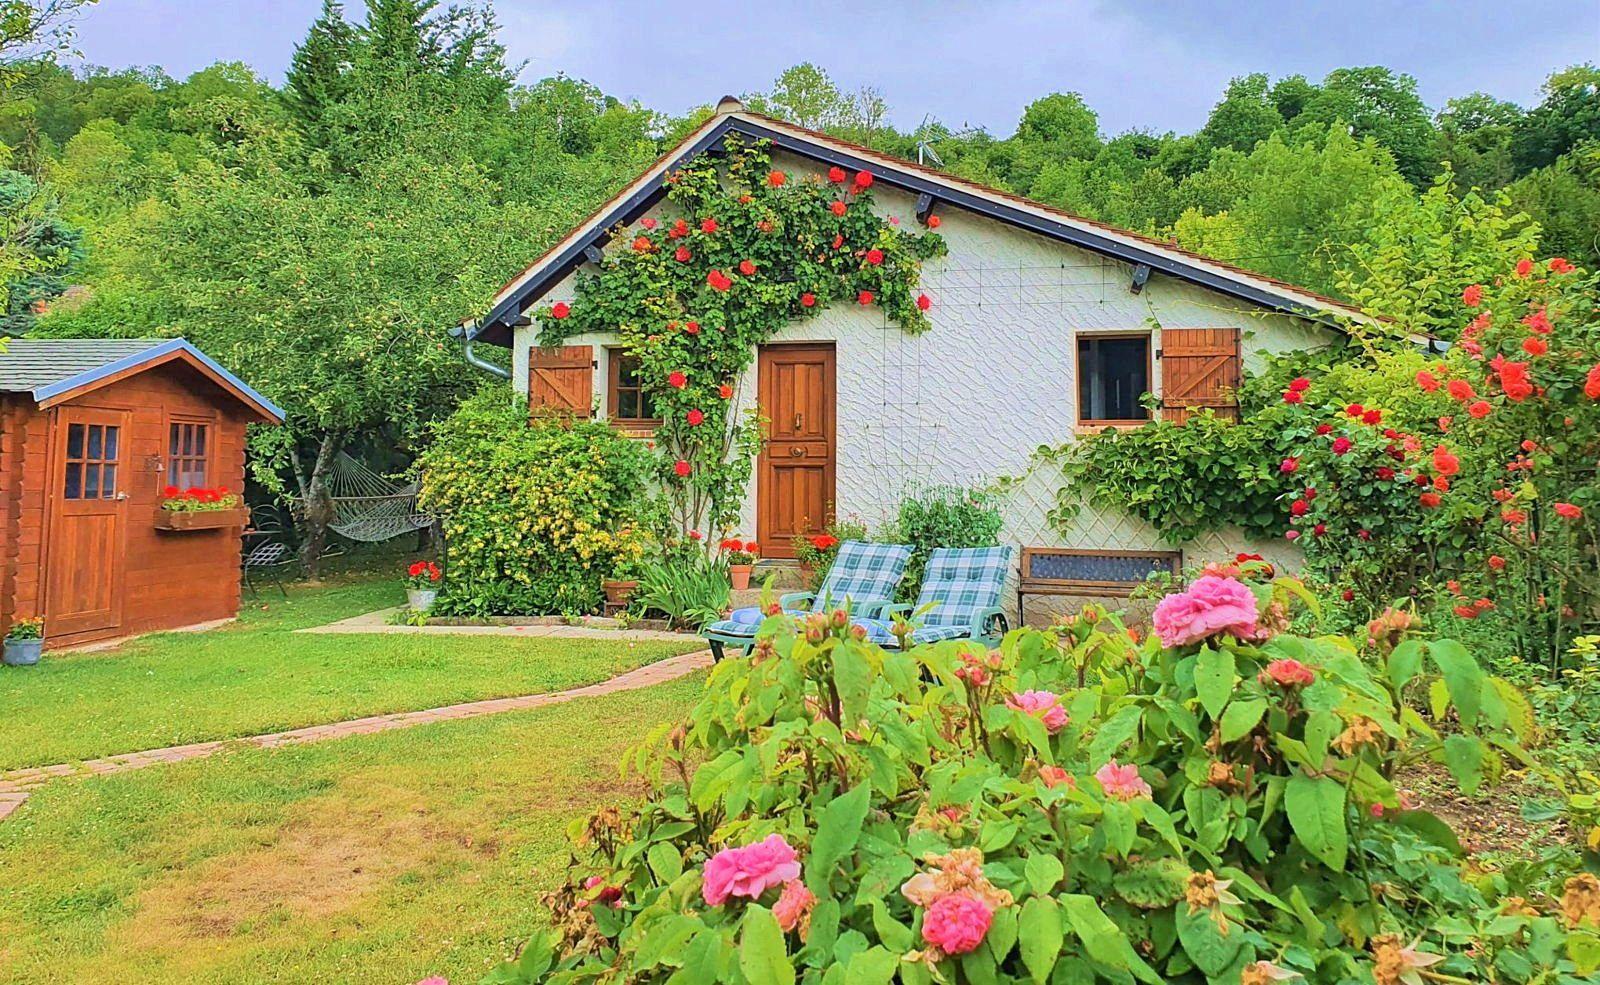 Loue ravissante maisonnette 2couchages, calme et romantique, à 70km ouest de Paris, à 2km de Giverny (27)